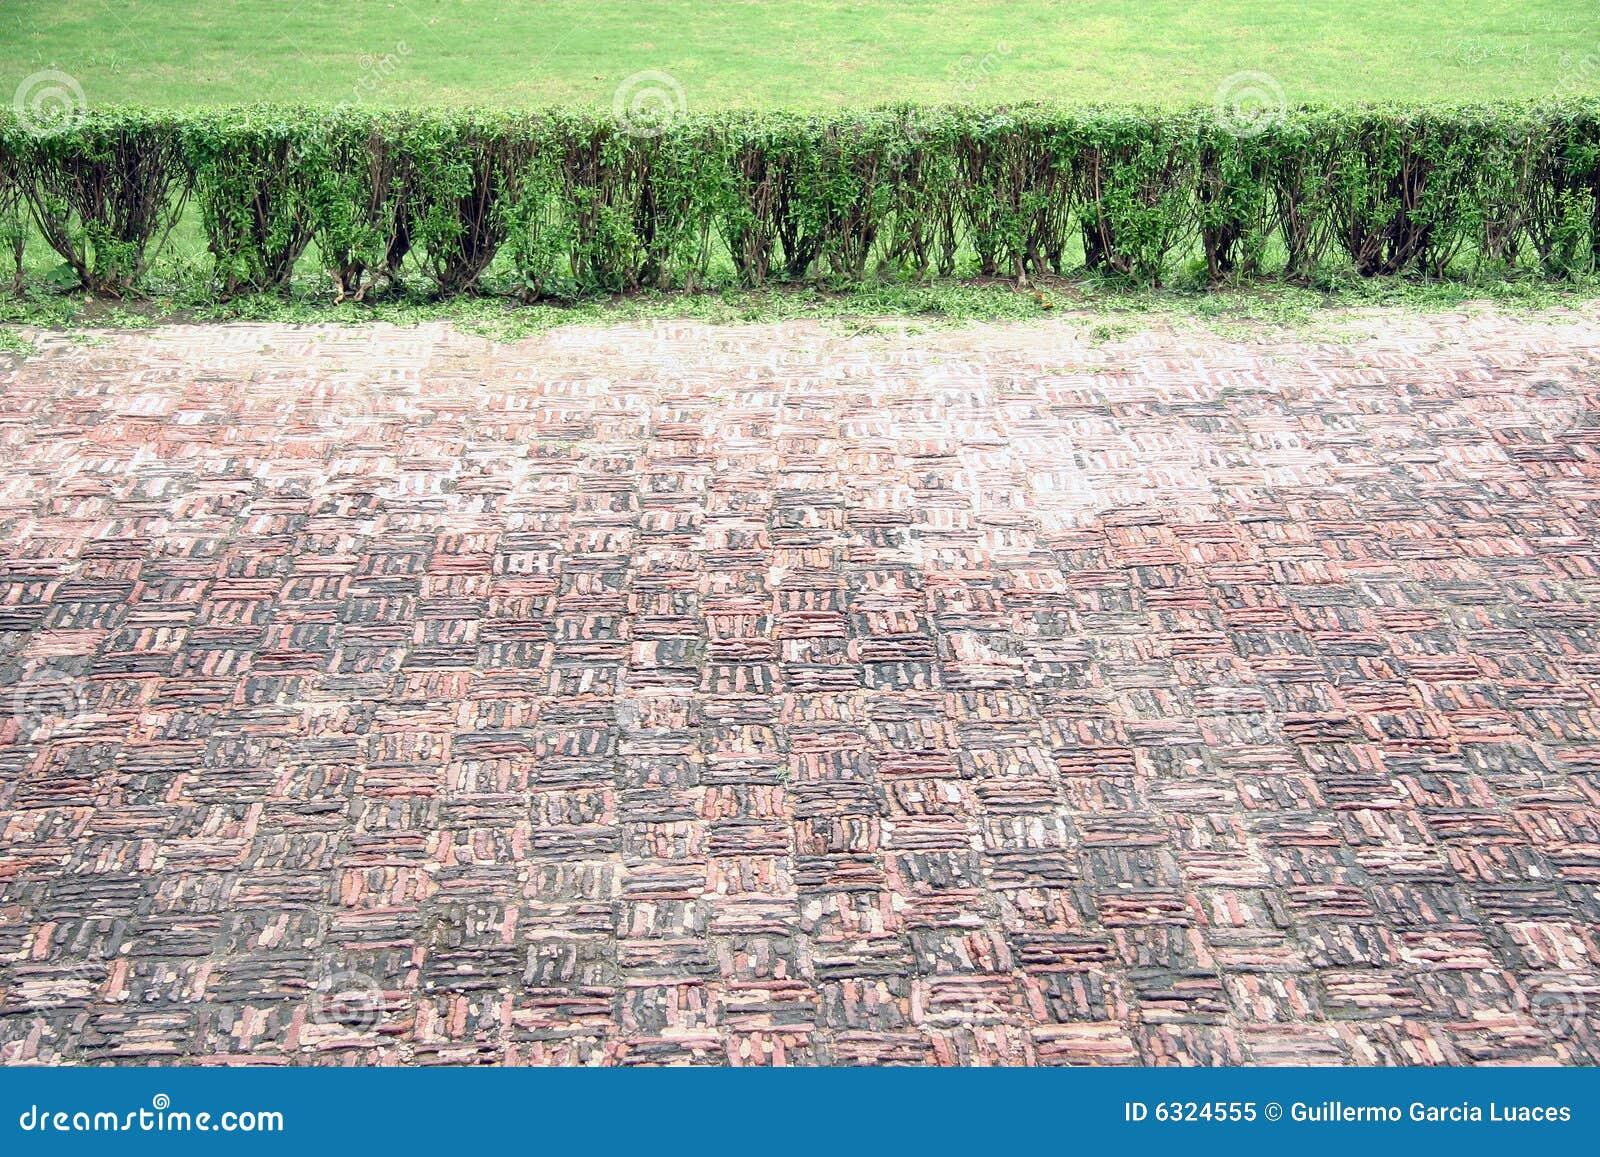 Boden und Gras